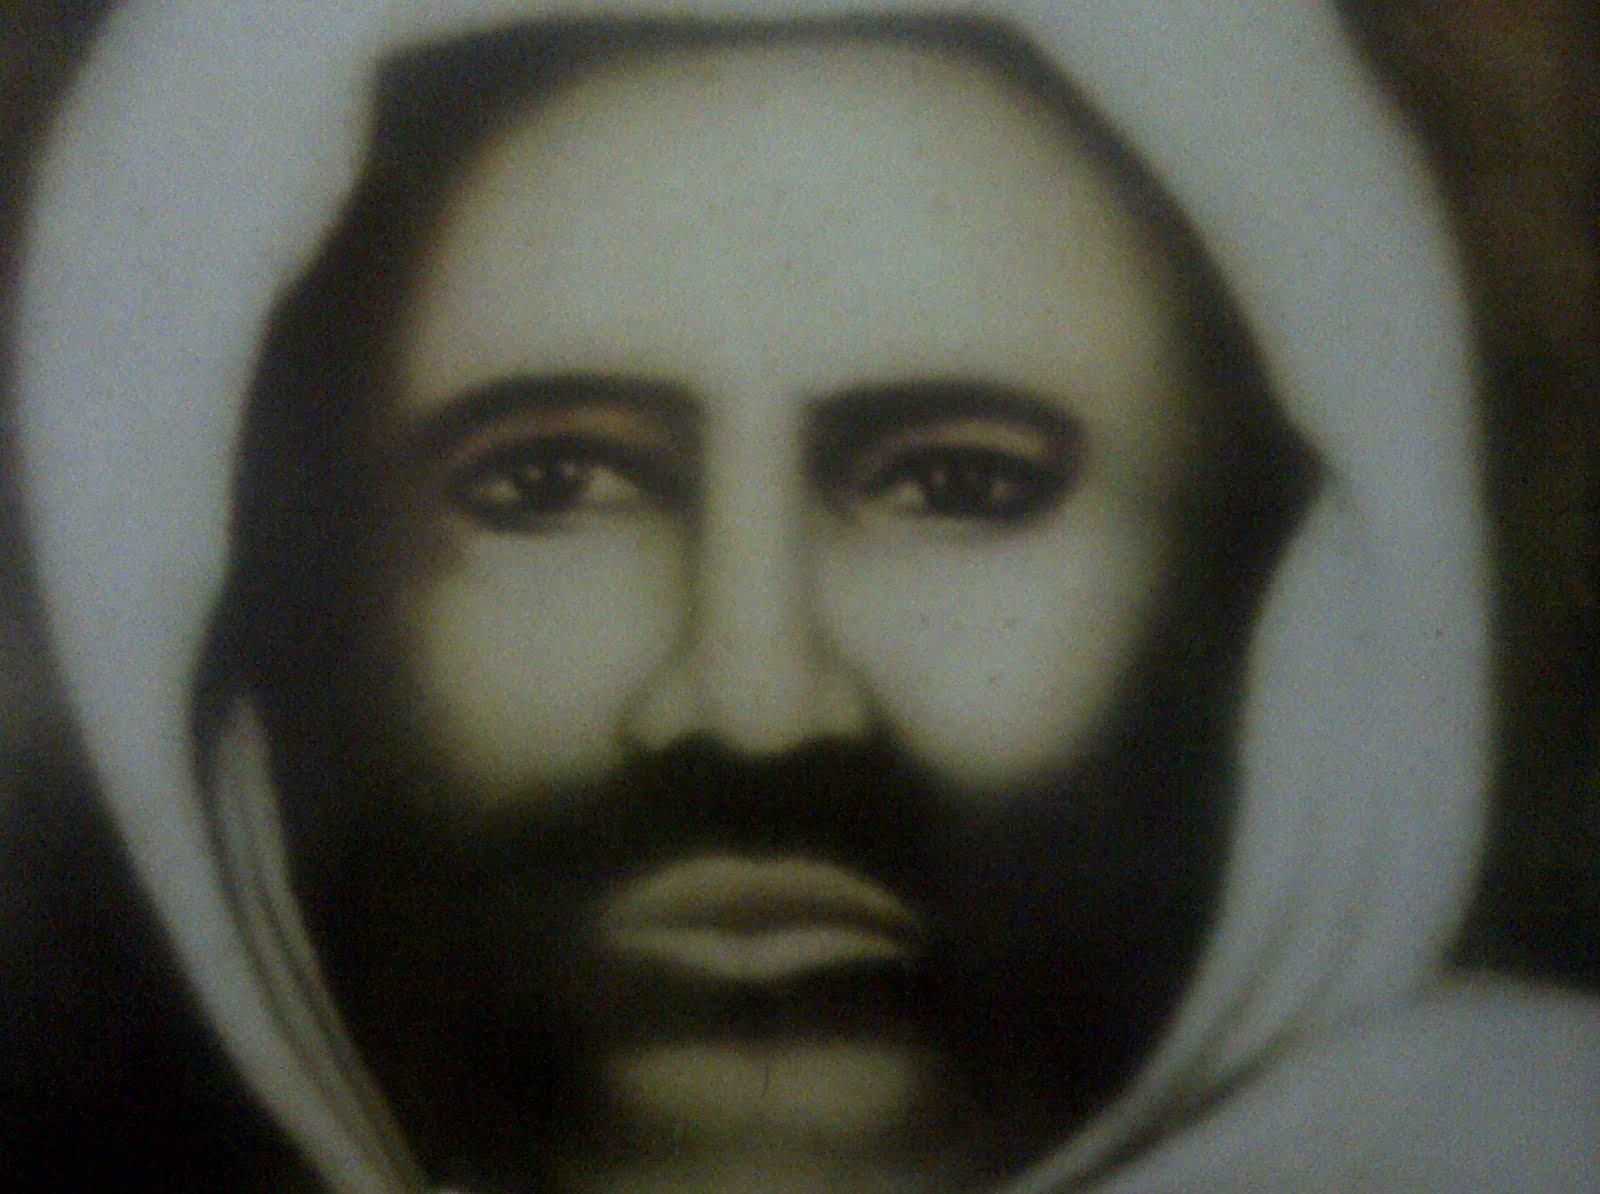 Kisah Syekh Abdul Qadir Jailani Yang Ingin Nyawanya Dicabut Oleh Allah Bukan Malaikat Maut